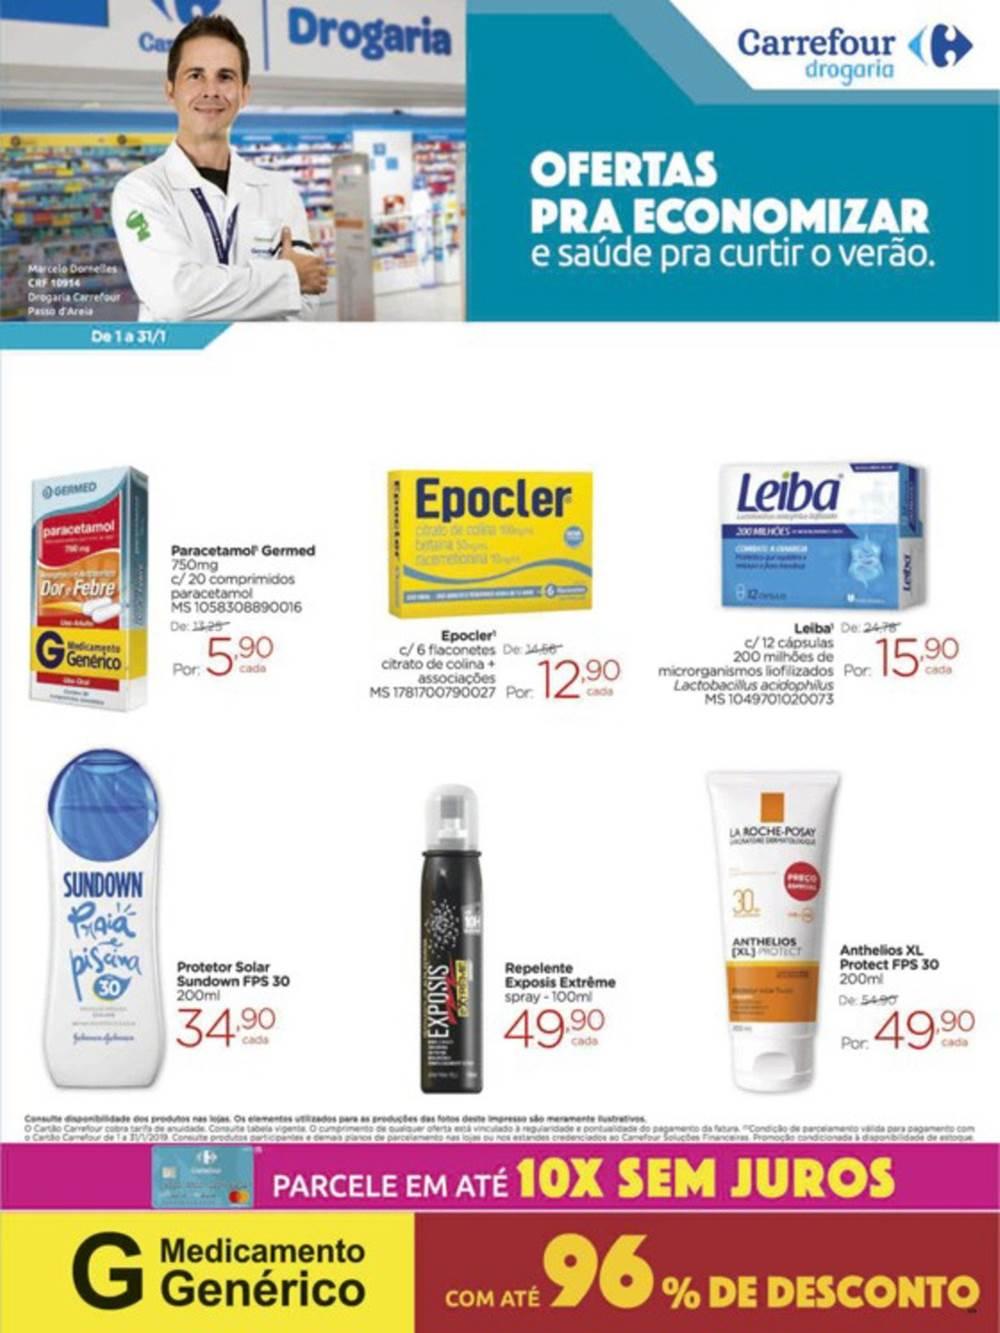 Ofertas-Drogaria1 Carrefour para 18/01